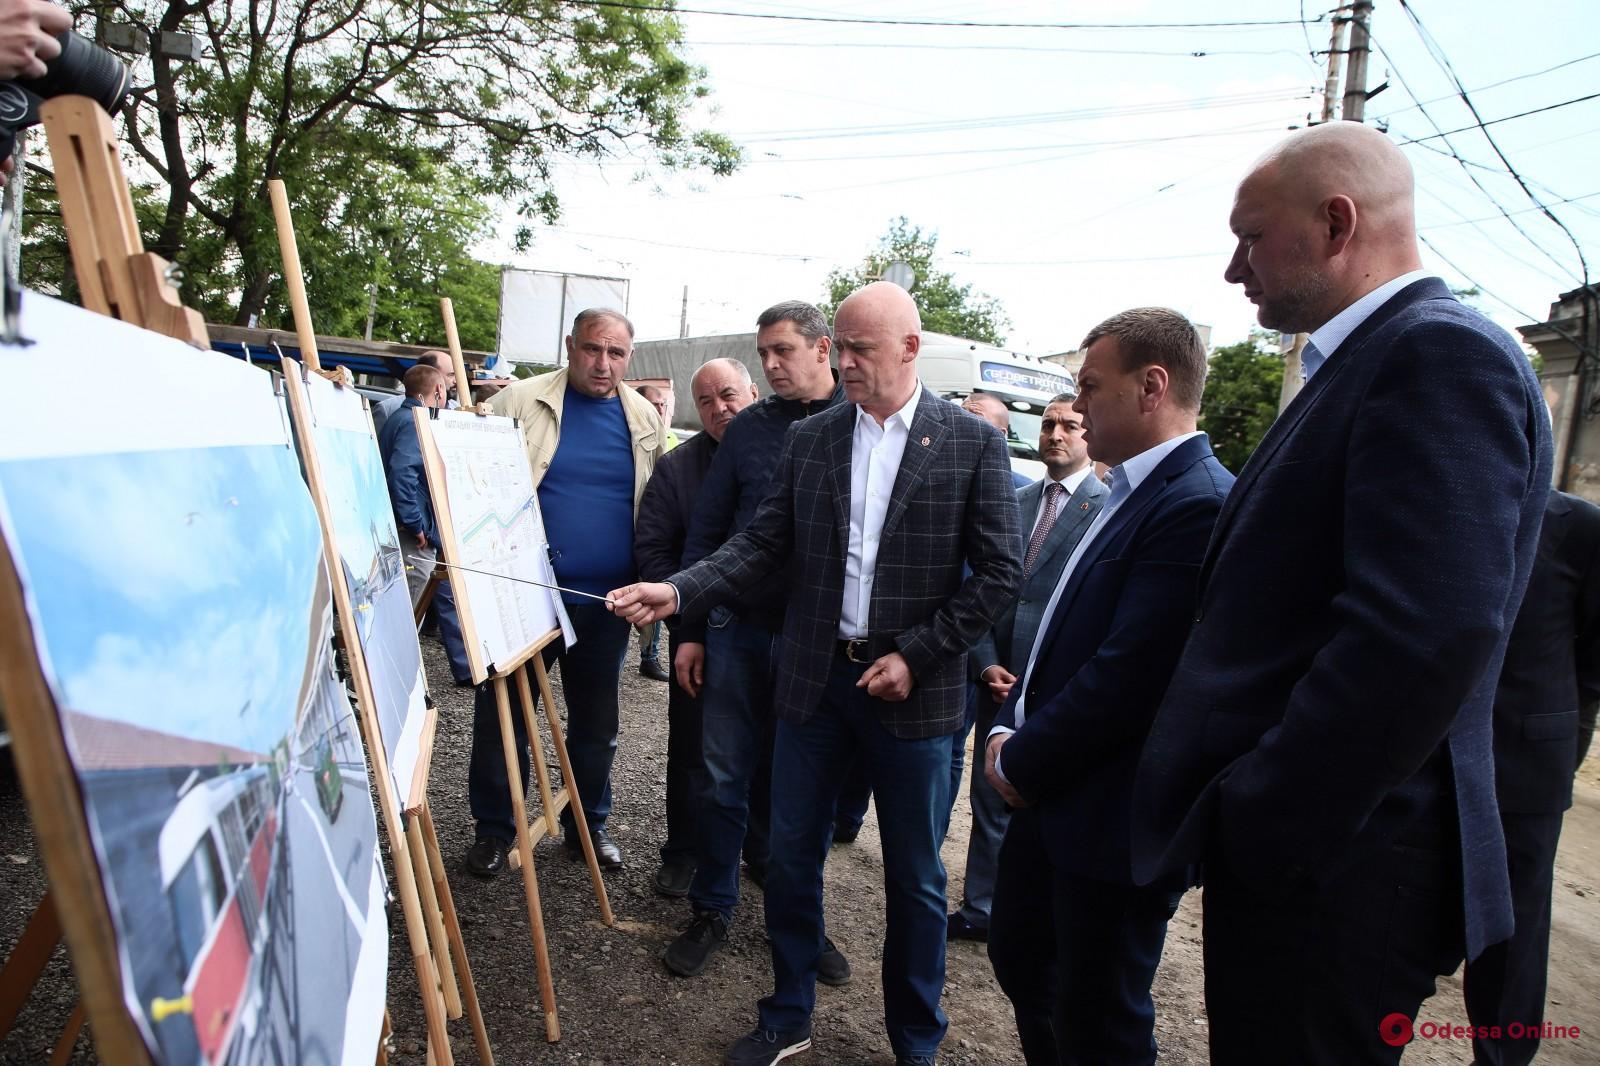 Мэр Одессы провел выездное совещание по вопросу реконструкции улицы Новощепной ряд (фото, видео)